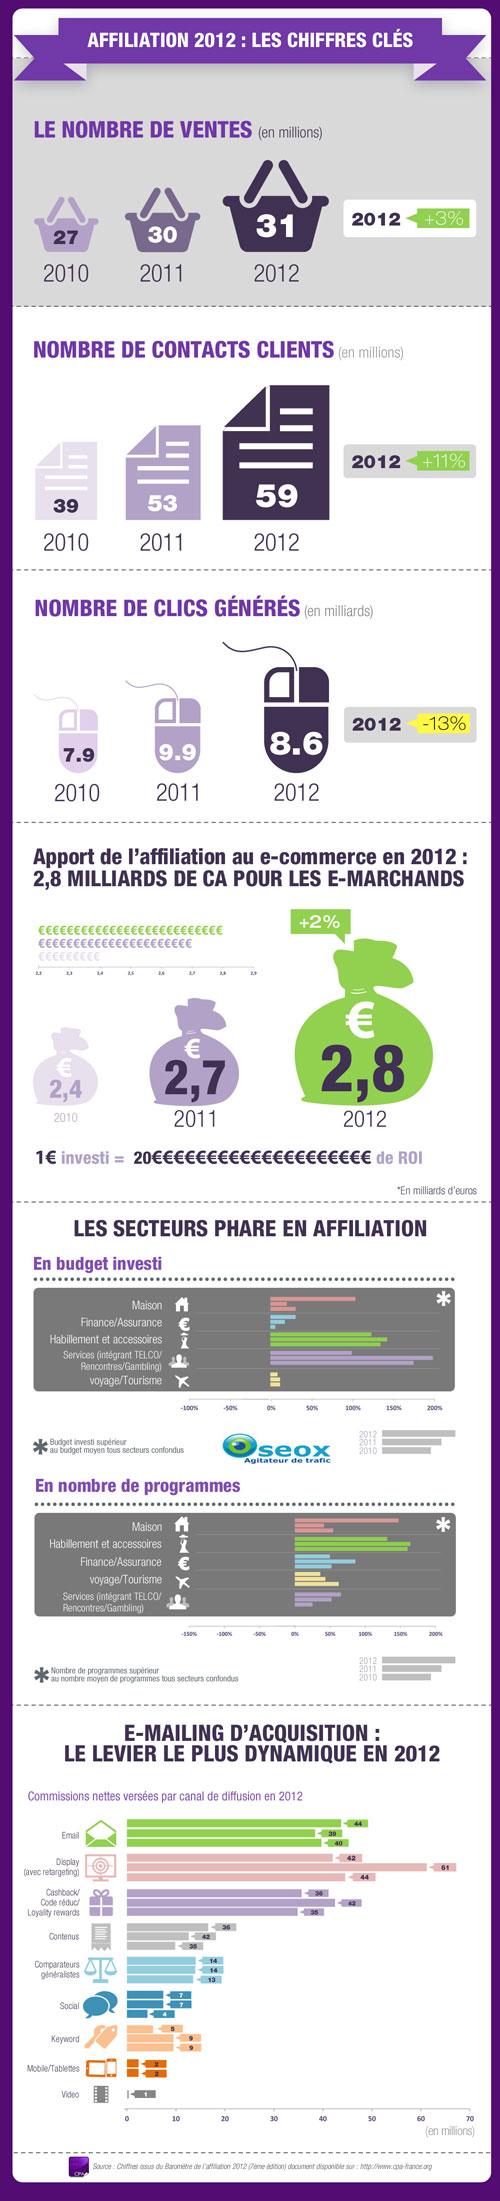 Les chiffres 2013 de l'affiliation